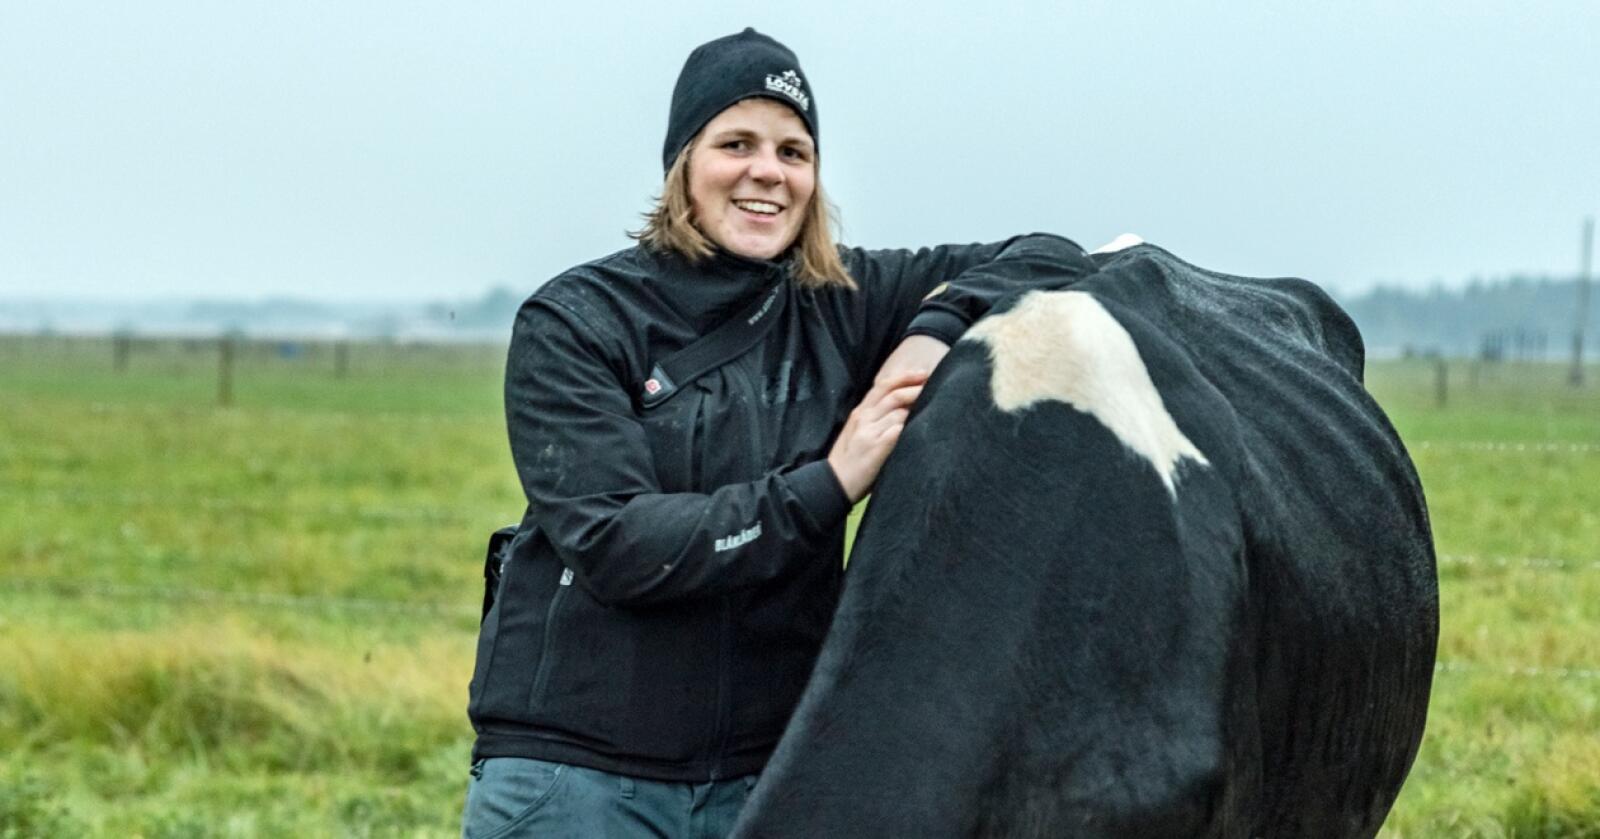 Melkekyr leverer ikke mindre melk selv om de slippes på beite, viser forskningen til Haldis Kismul.Foto: Fredrik Bergenkvist / Bergenkvist Photography